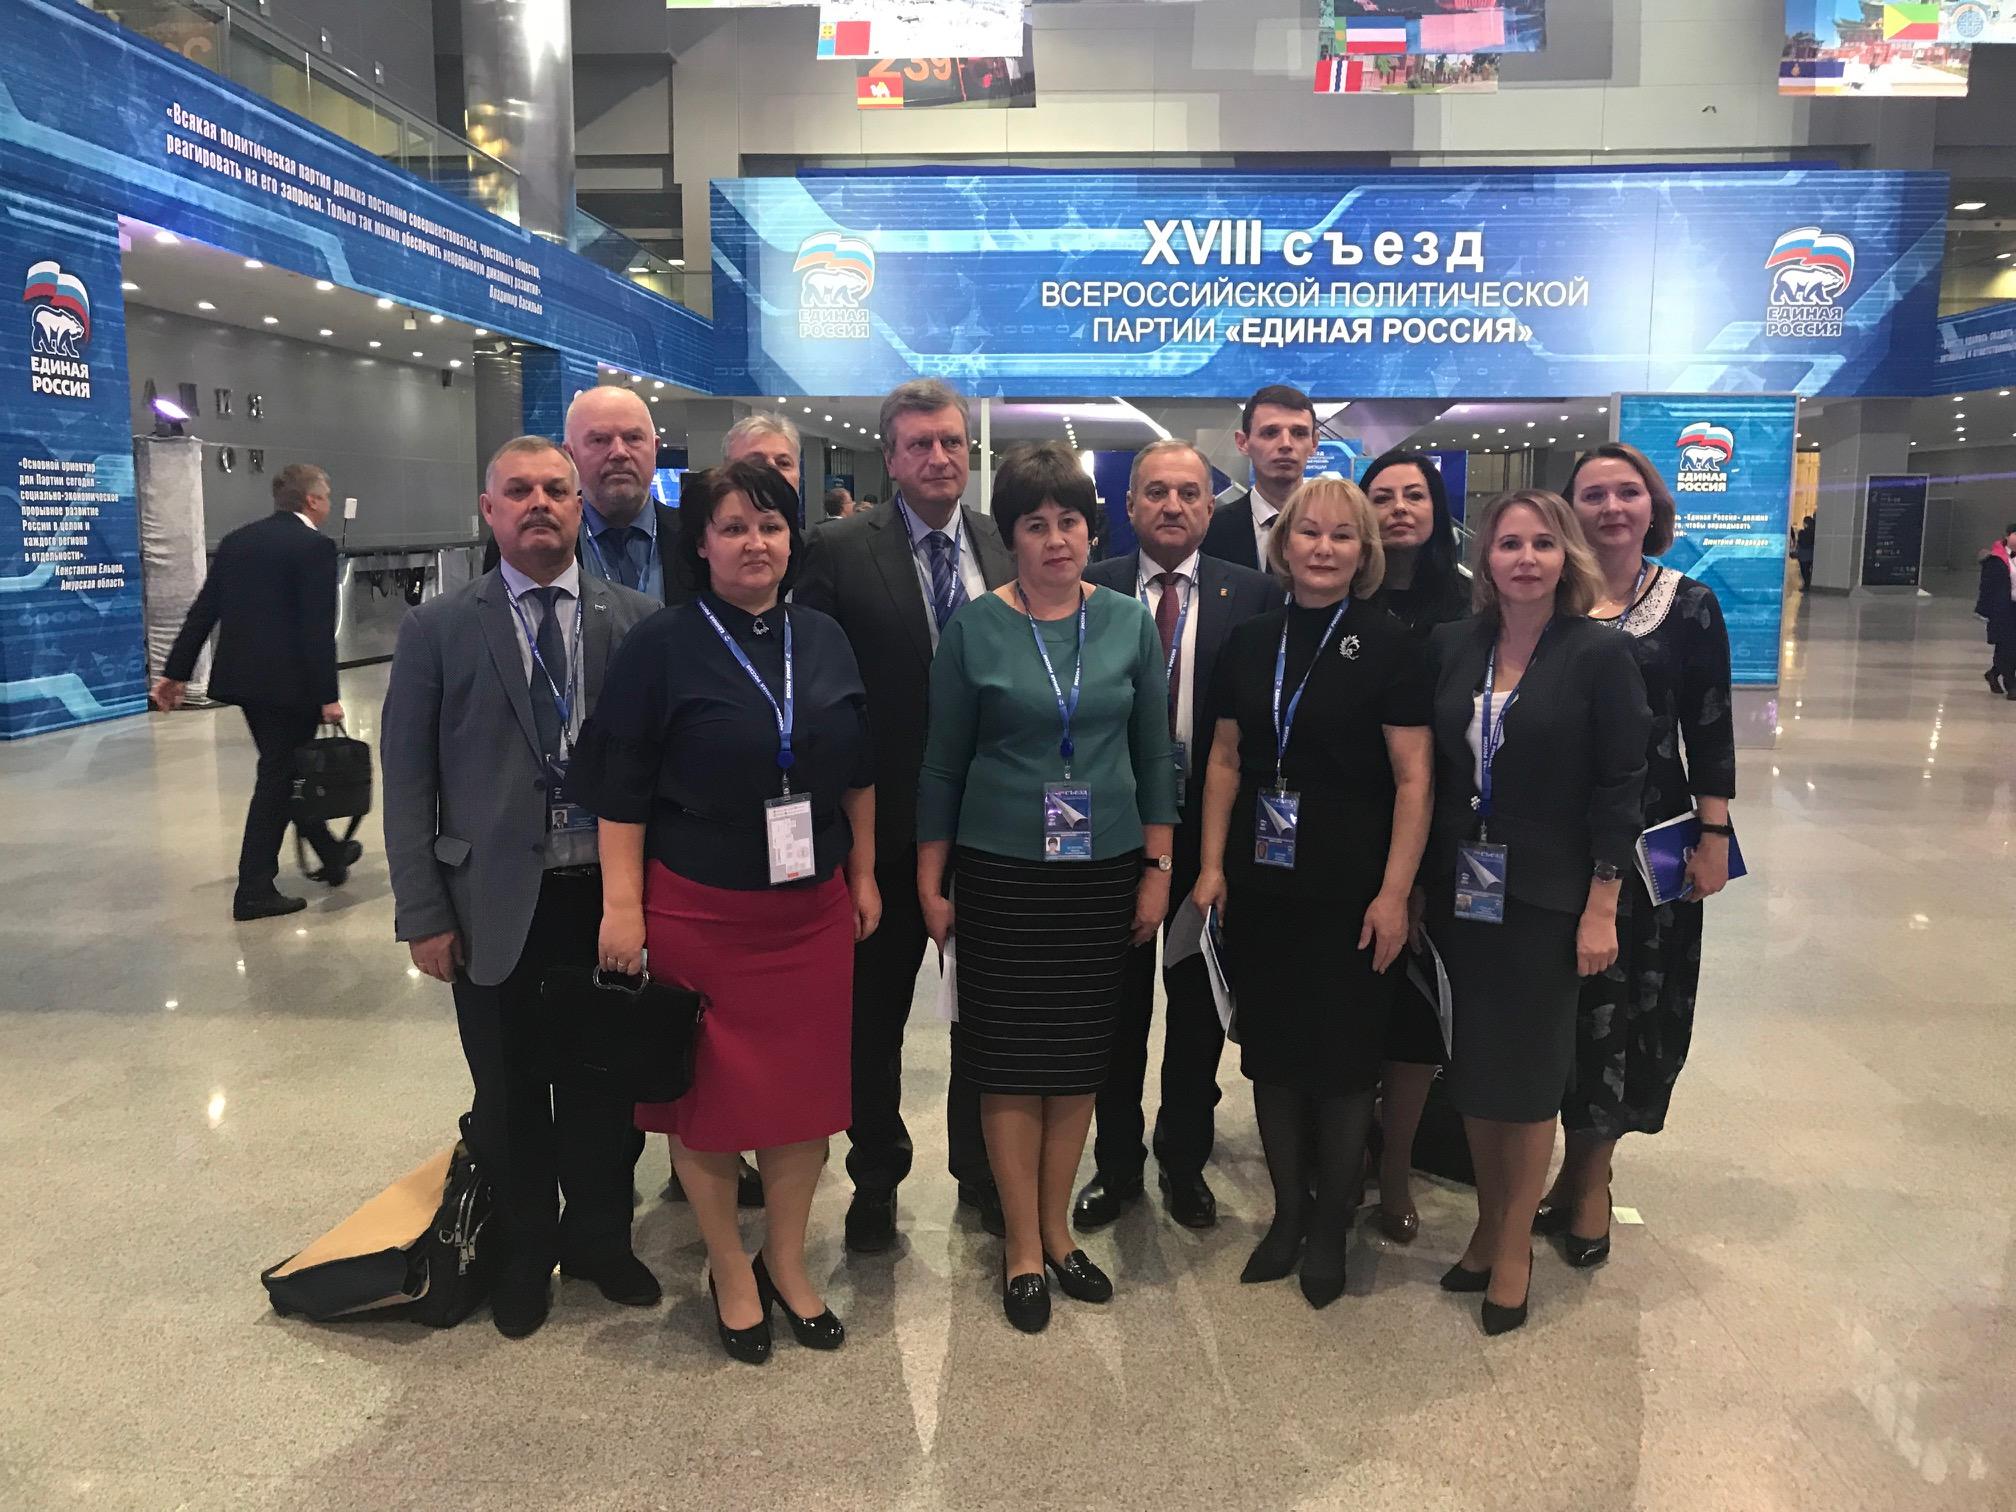 Руководители Кировской области принимают участие в съезде «Единой России» в Москве